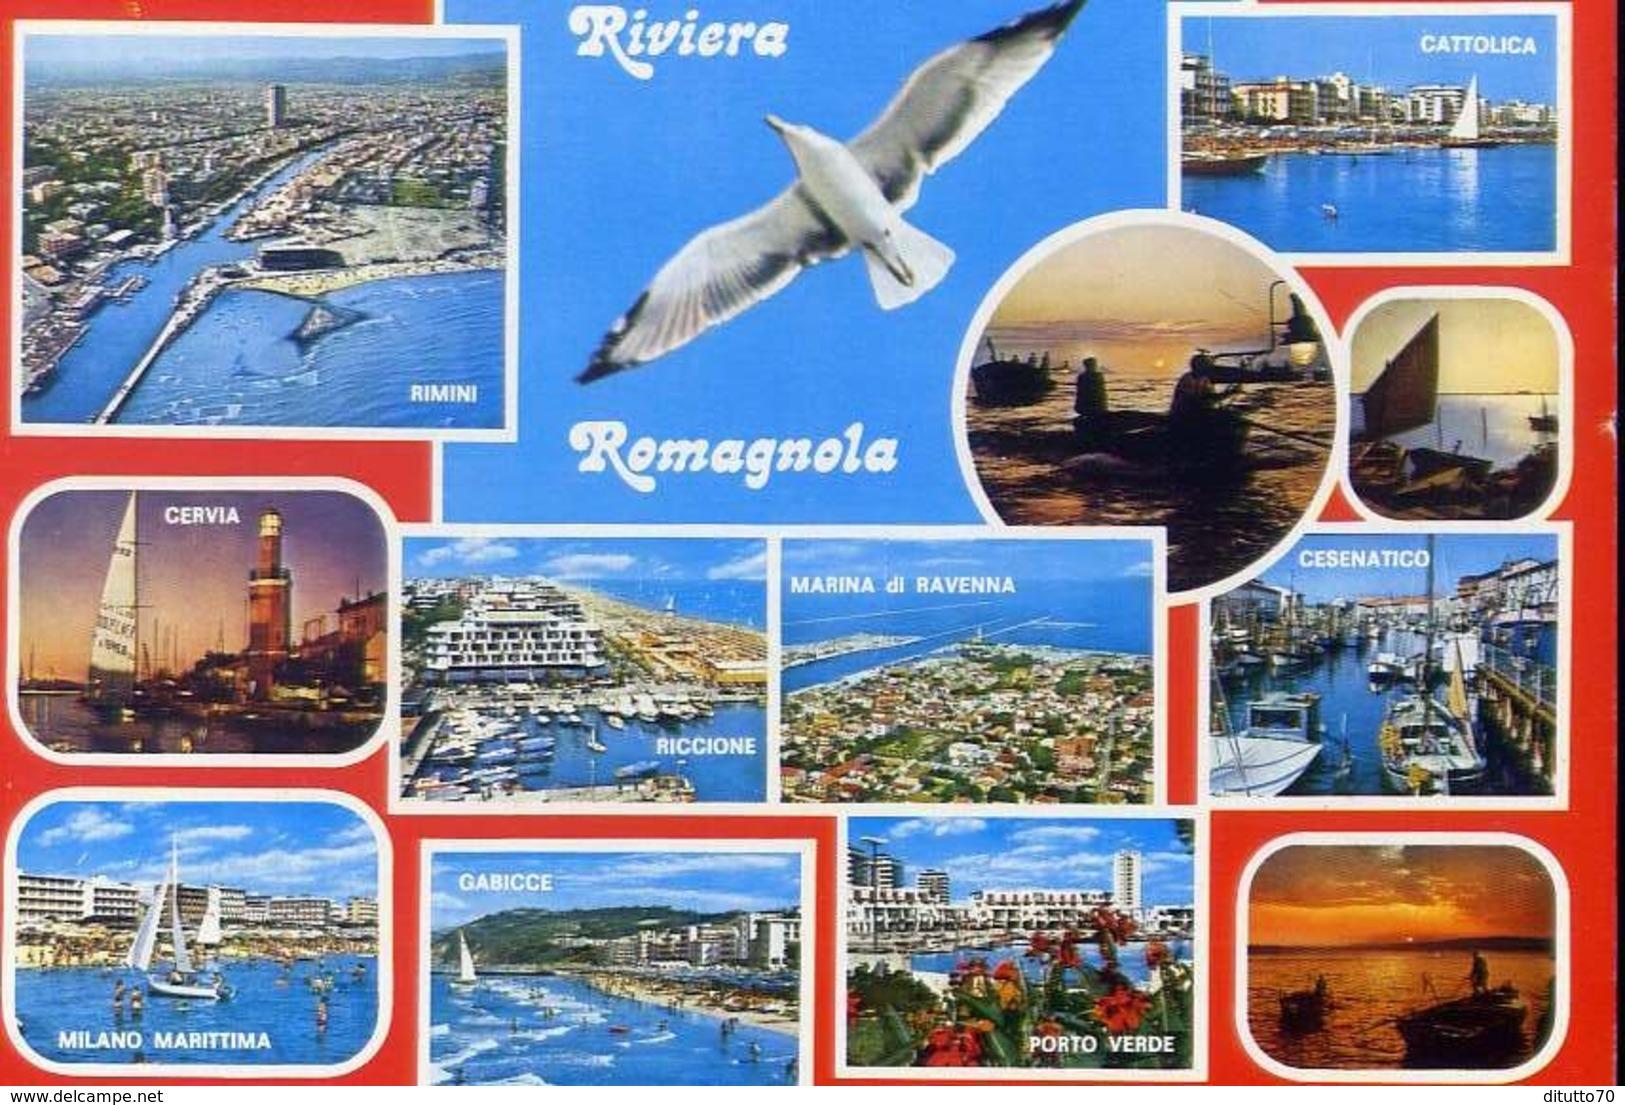 Rviera Romagnola - Cattolica - Rimini - Cervia - Riccione - Marina Di Ravenna - Cesenatico - Milano Marittima - Gabicce - Rimini